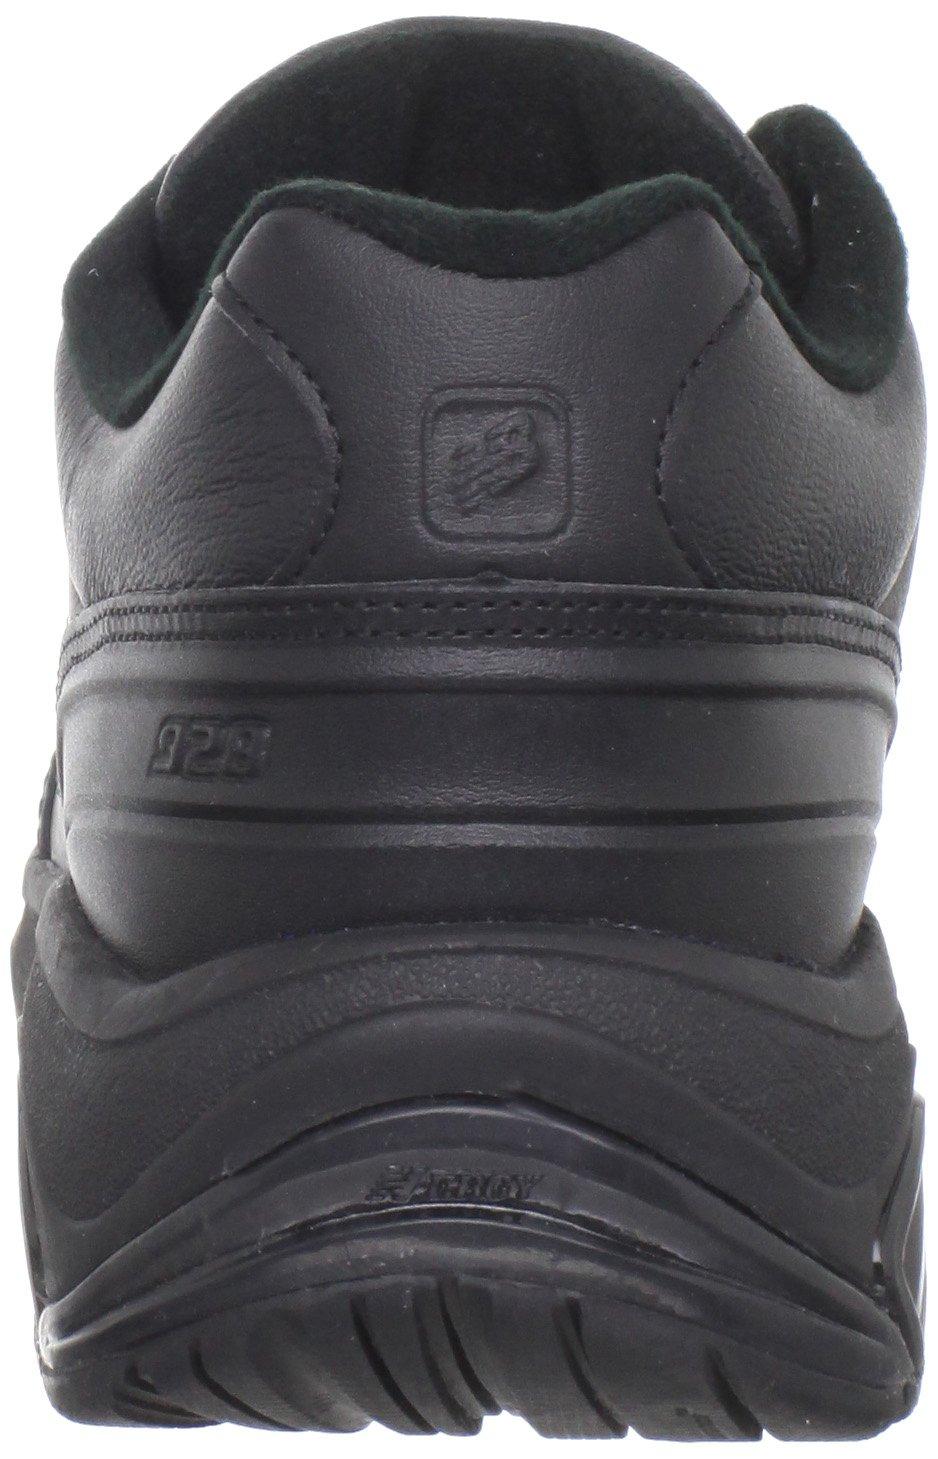 Drew Shoe Women's Tulip Comfort B003YUIJNS 7.5 B(M) US|Black